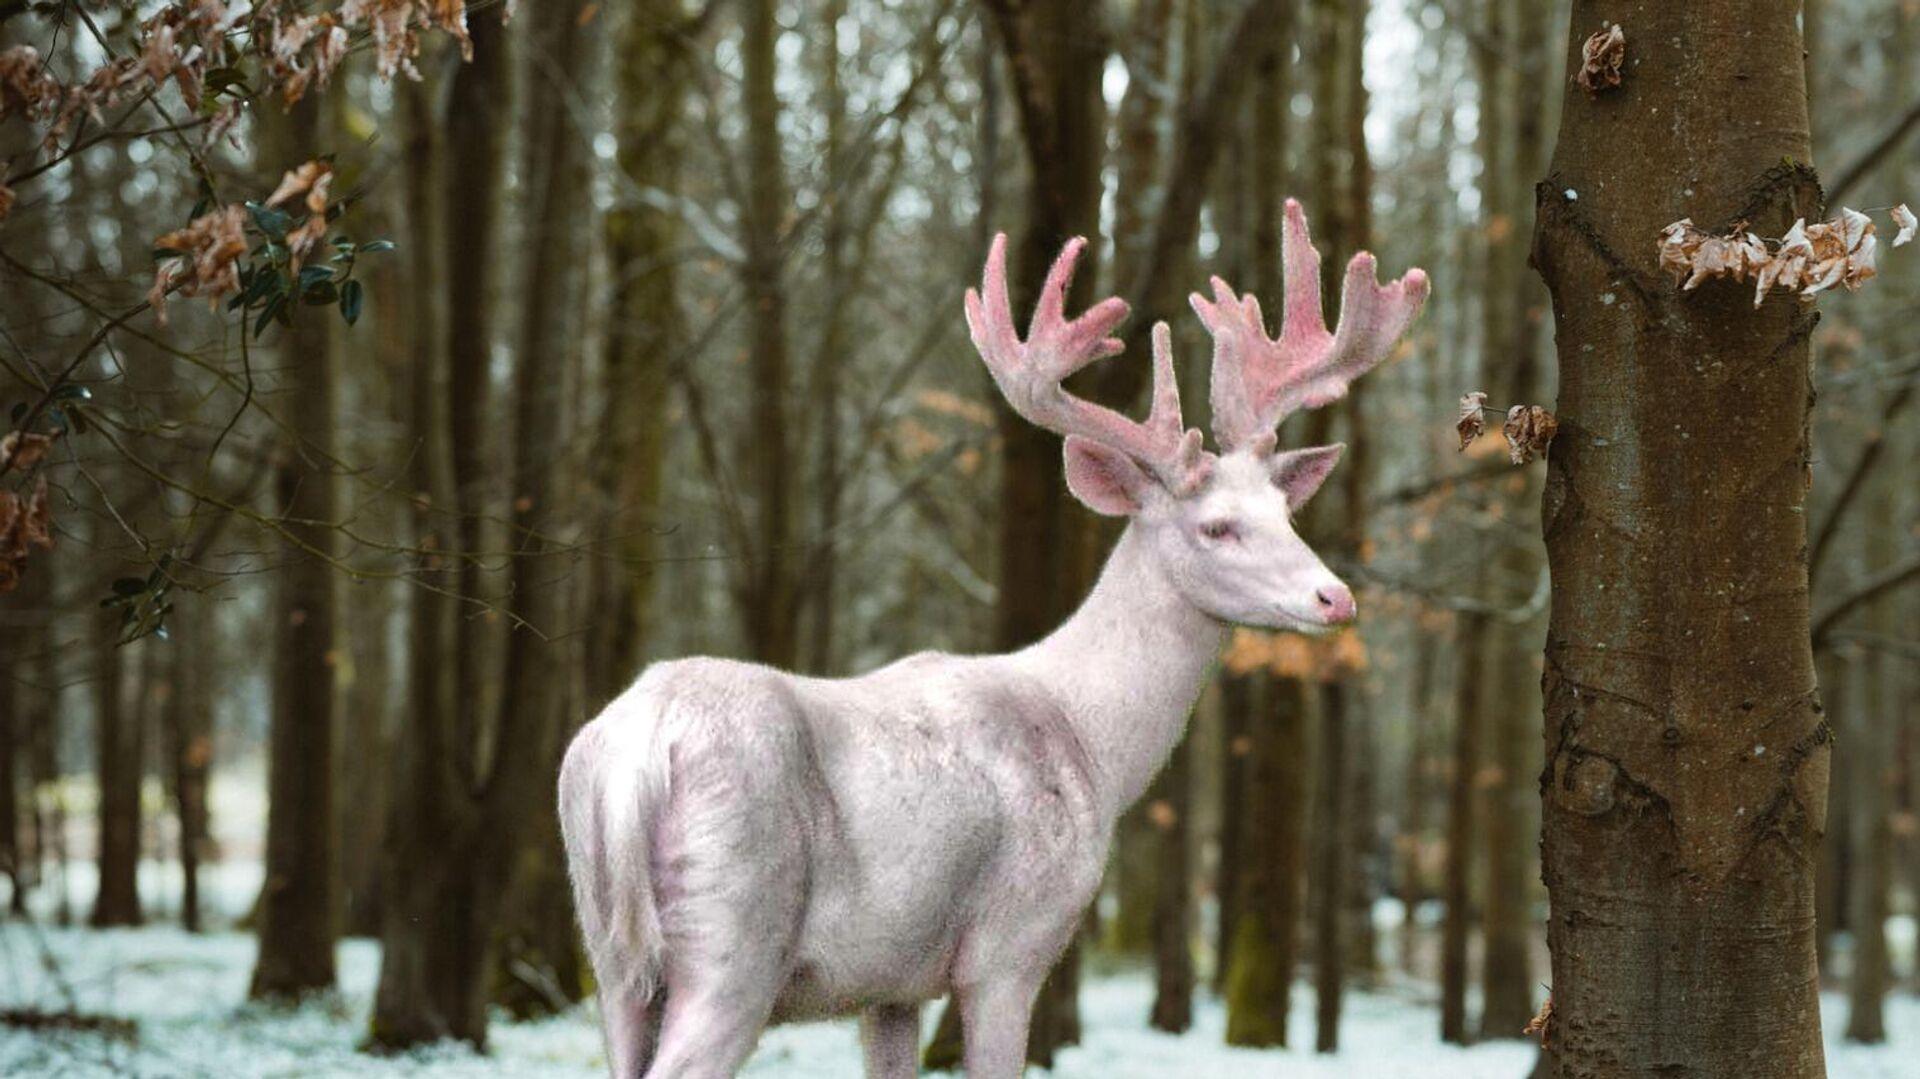 Imagen referencial de un ciervo blanco - Sputnik Mundo, 1920, 09.07.2021